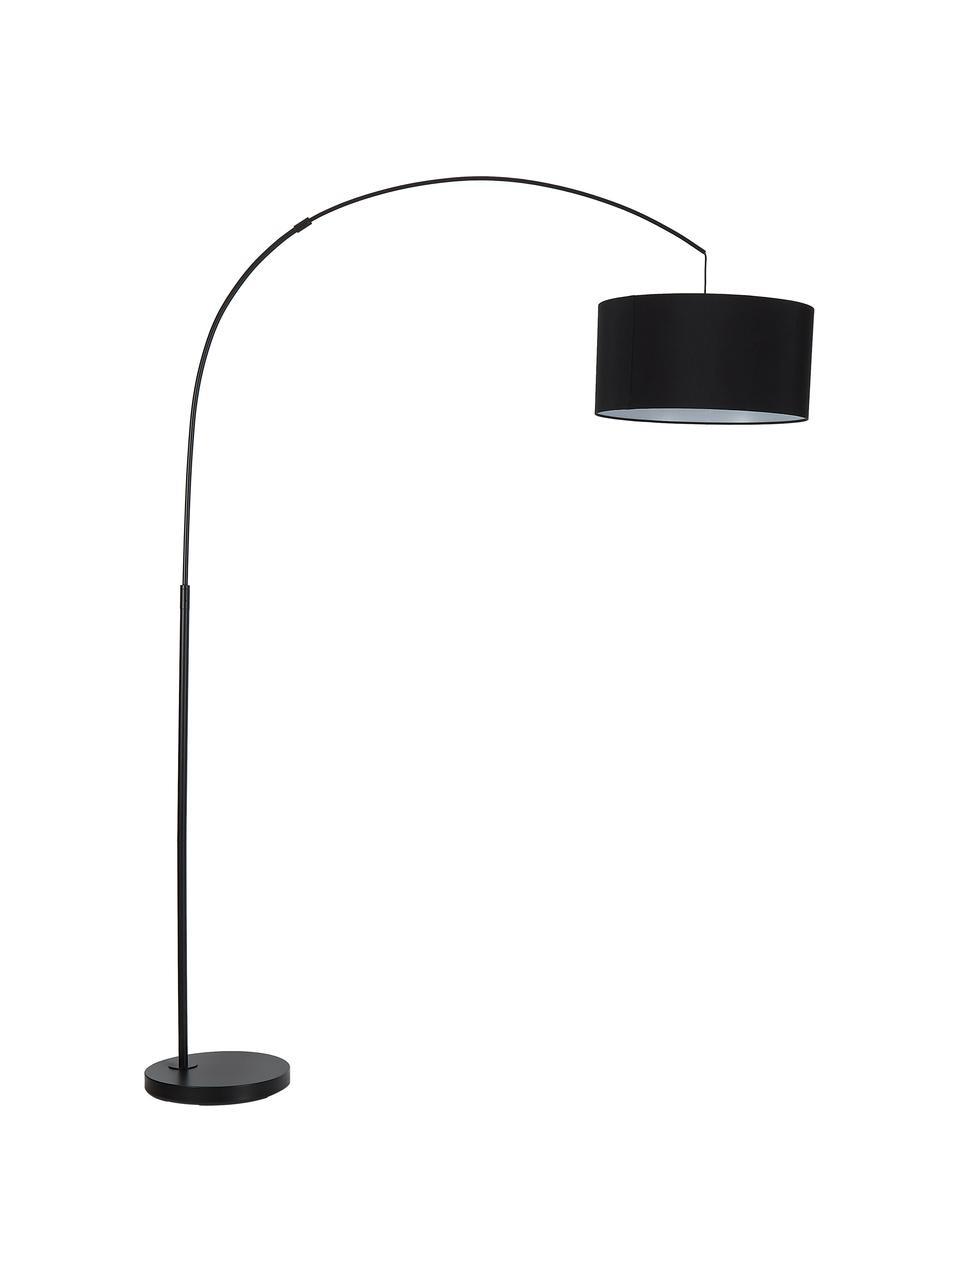 Moderne Bogenlampe Niels in Schwarz, Lampenschirm: Baumwollgemisch, Lampenfuß: Metall, pulverbeschichtet, Lampenschirm: Schwarz Lampenfuß: Schwarz, matt Kabel: Schwarz, 157 x 218 cm